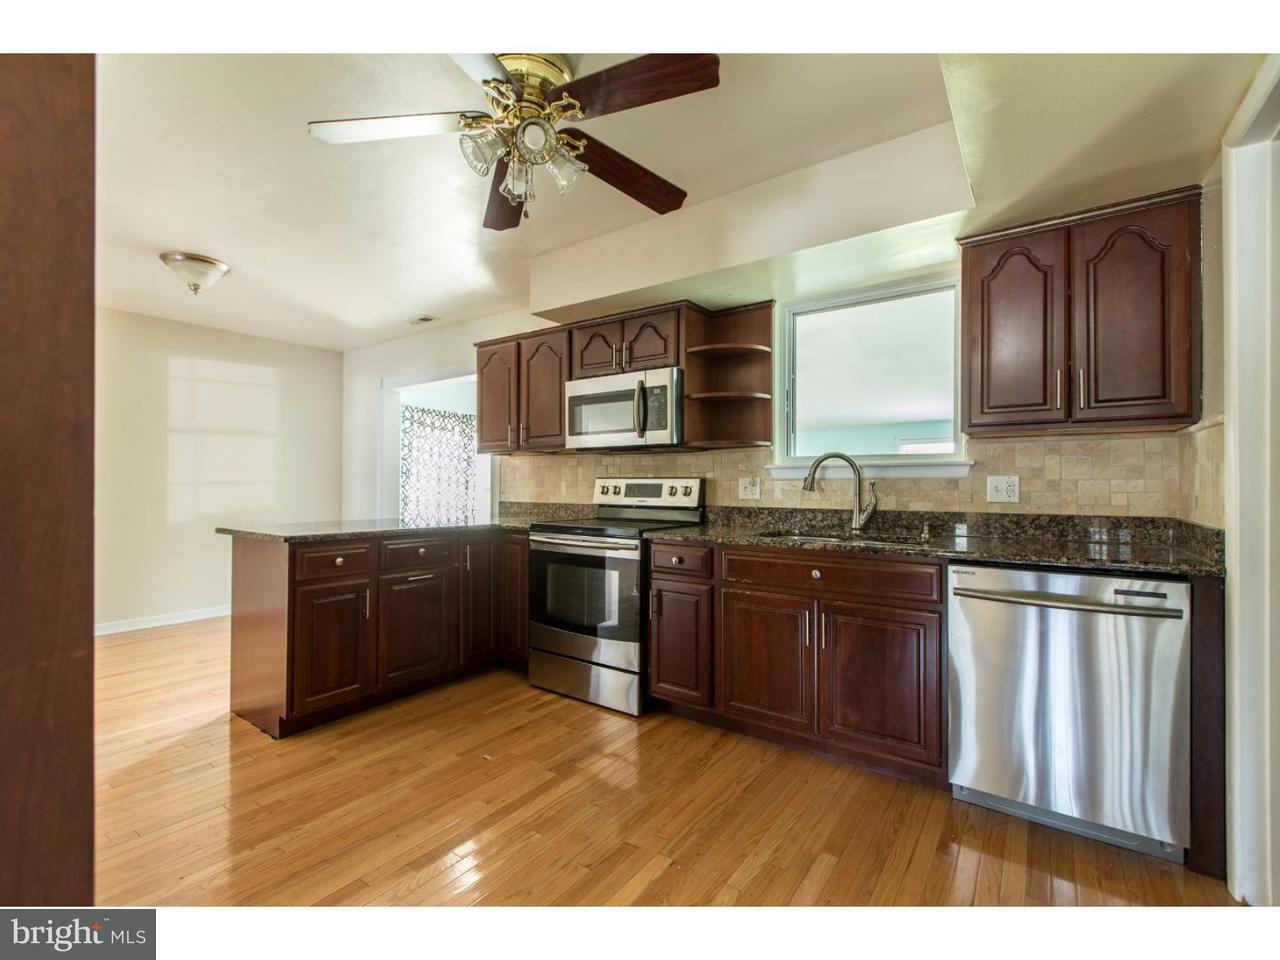 Casa Unifamiliar por un Alquiler en 18 BENNETT Court Logan Township, Nueva Jersey 08085 Estados Unidos